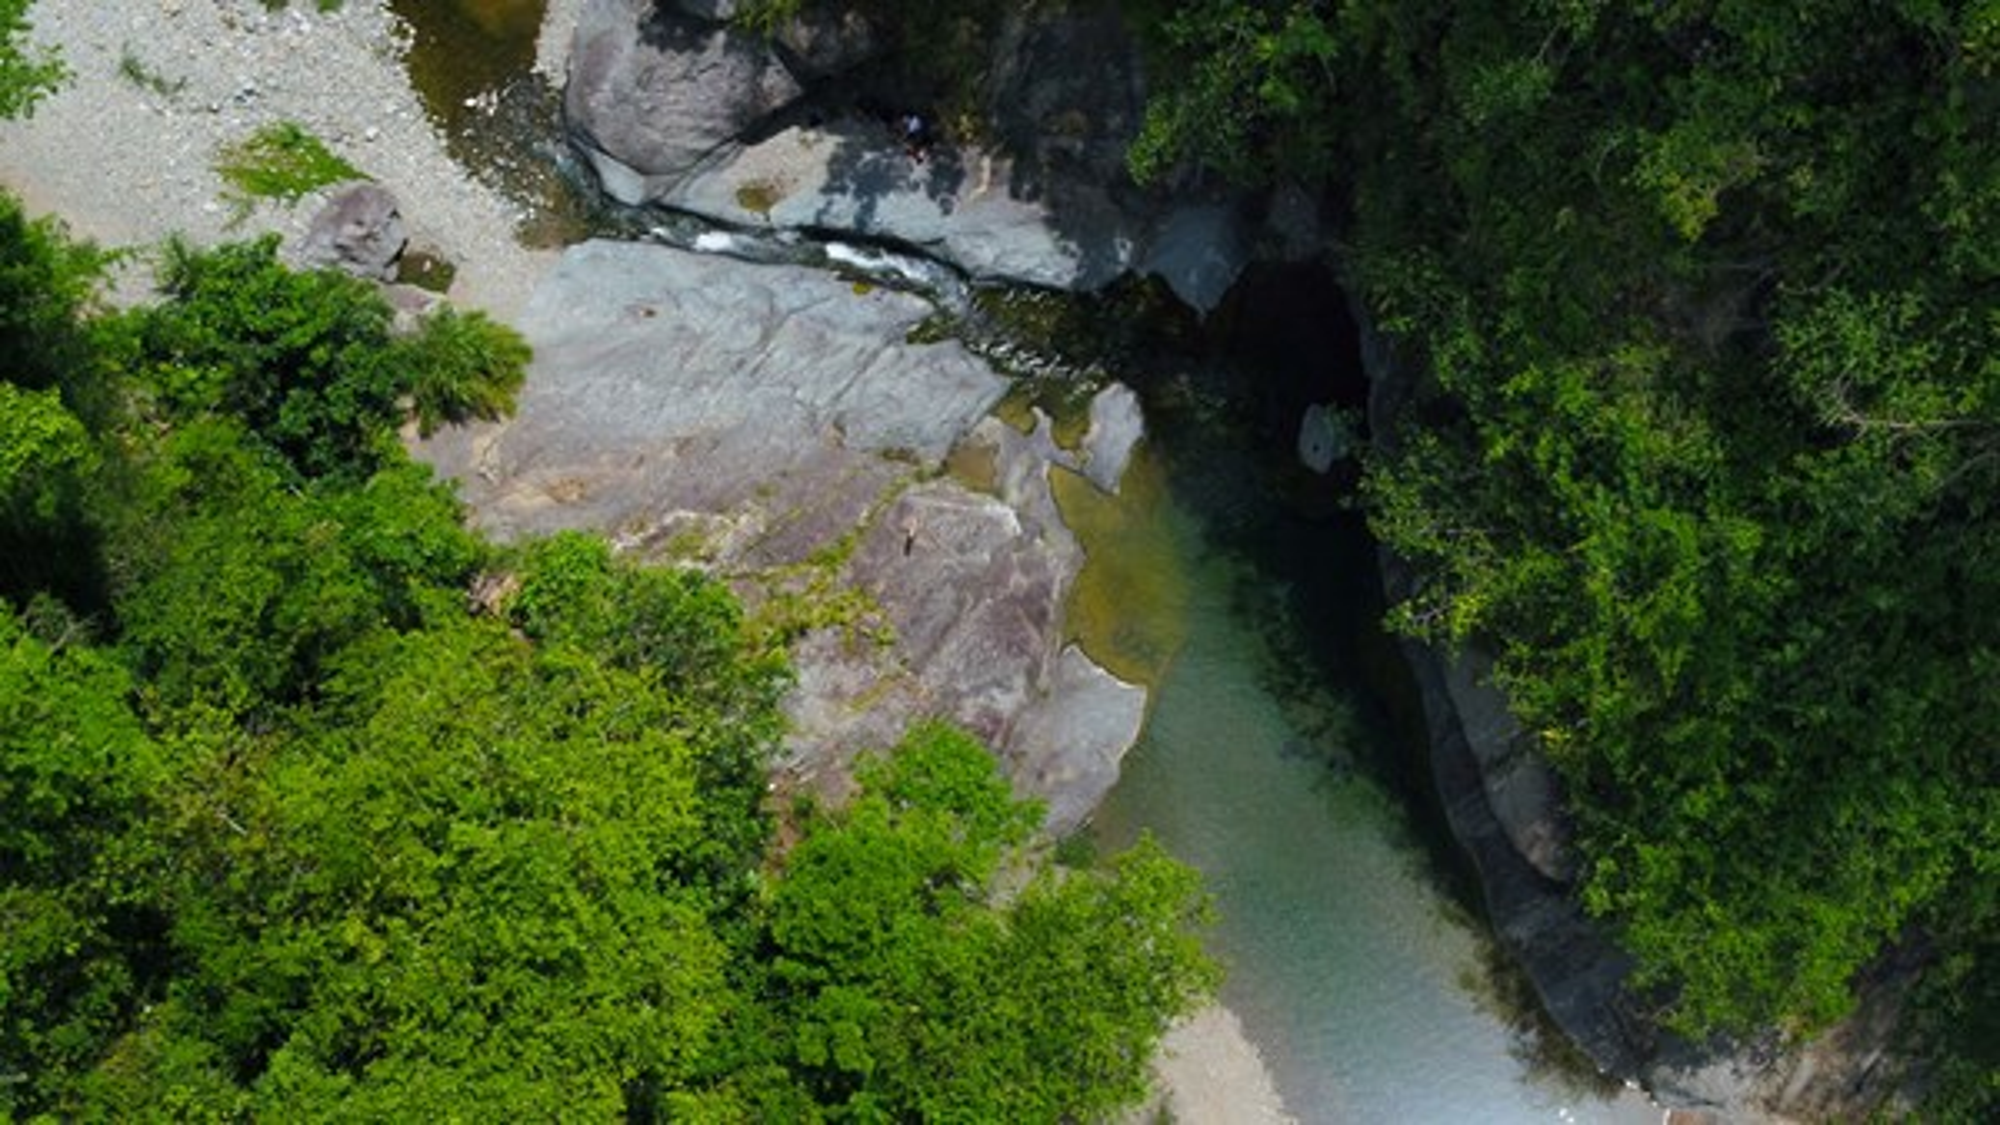 T0906CHARCAPR_C_HR [Credit: Discover Puerto Rico]